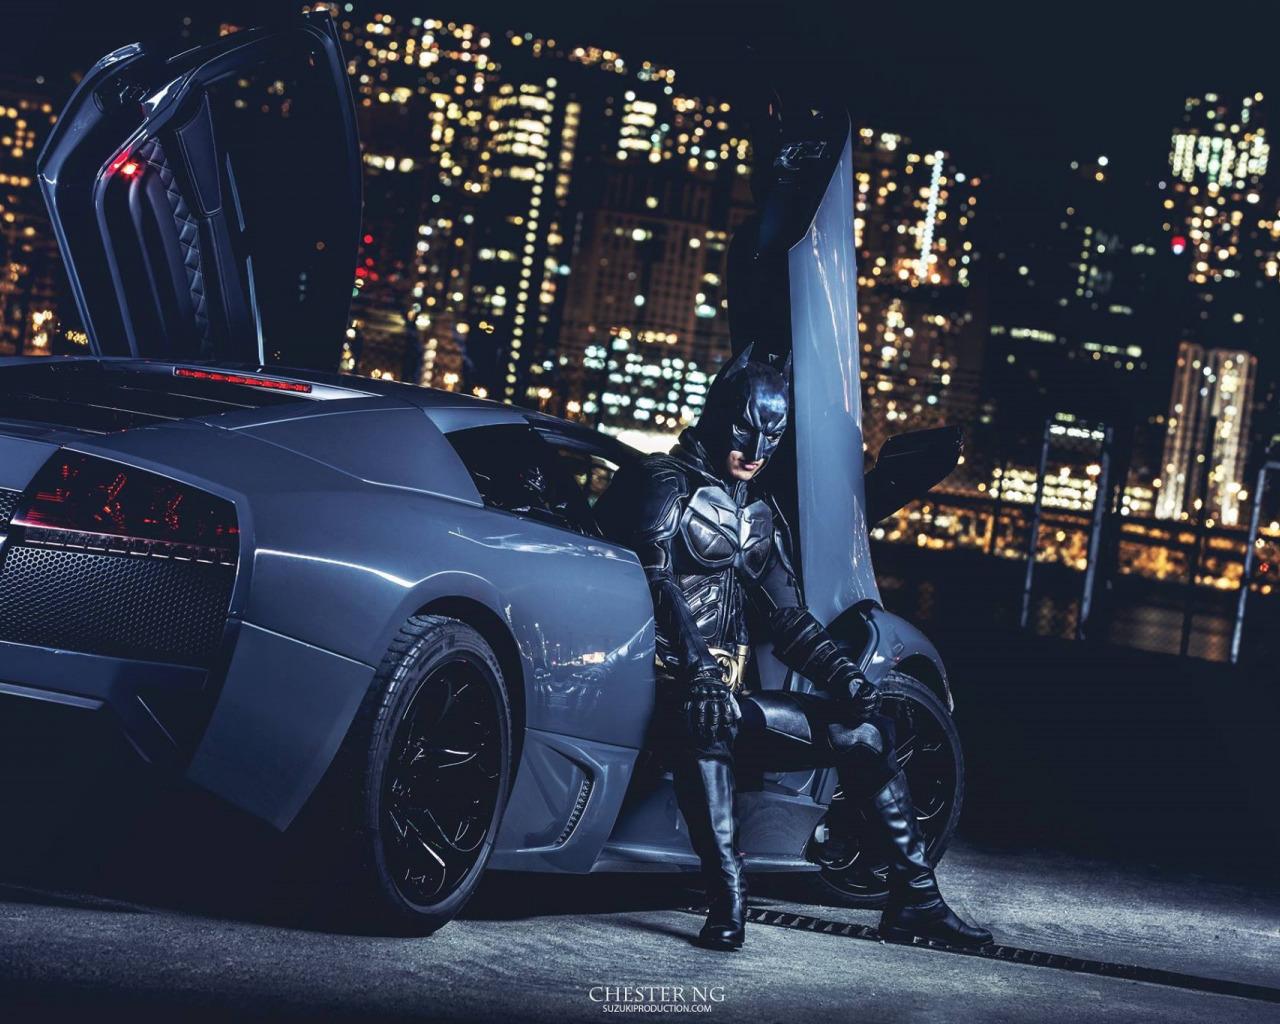 chester бэтмен и ламборджини